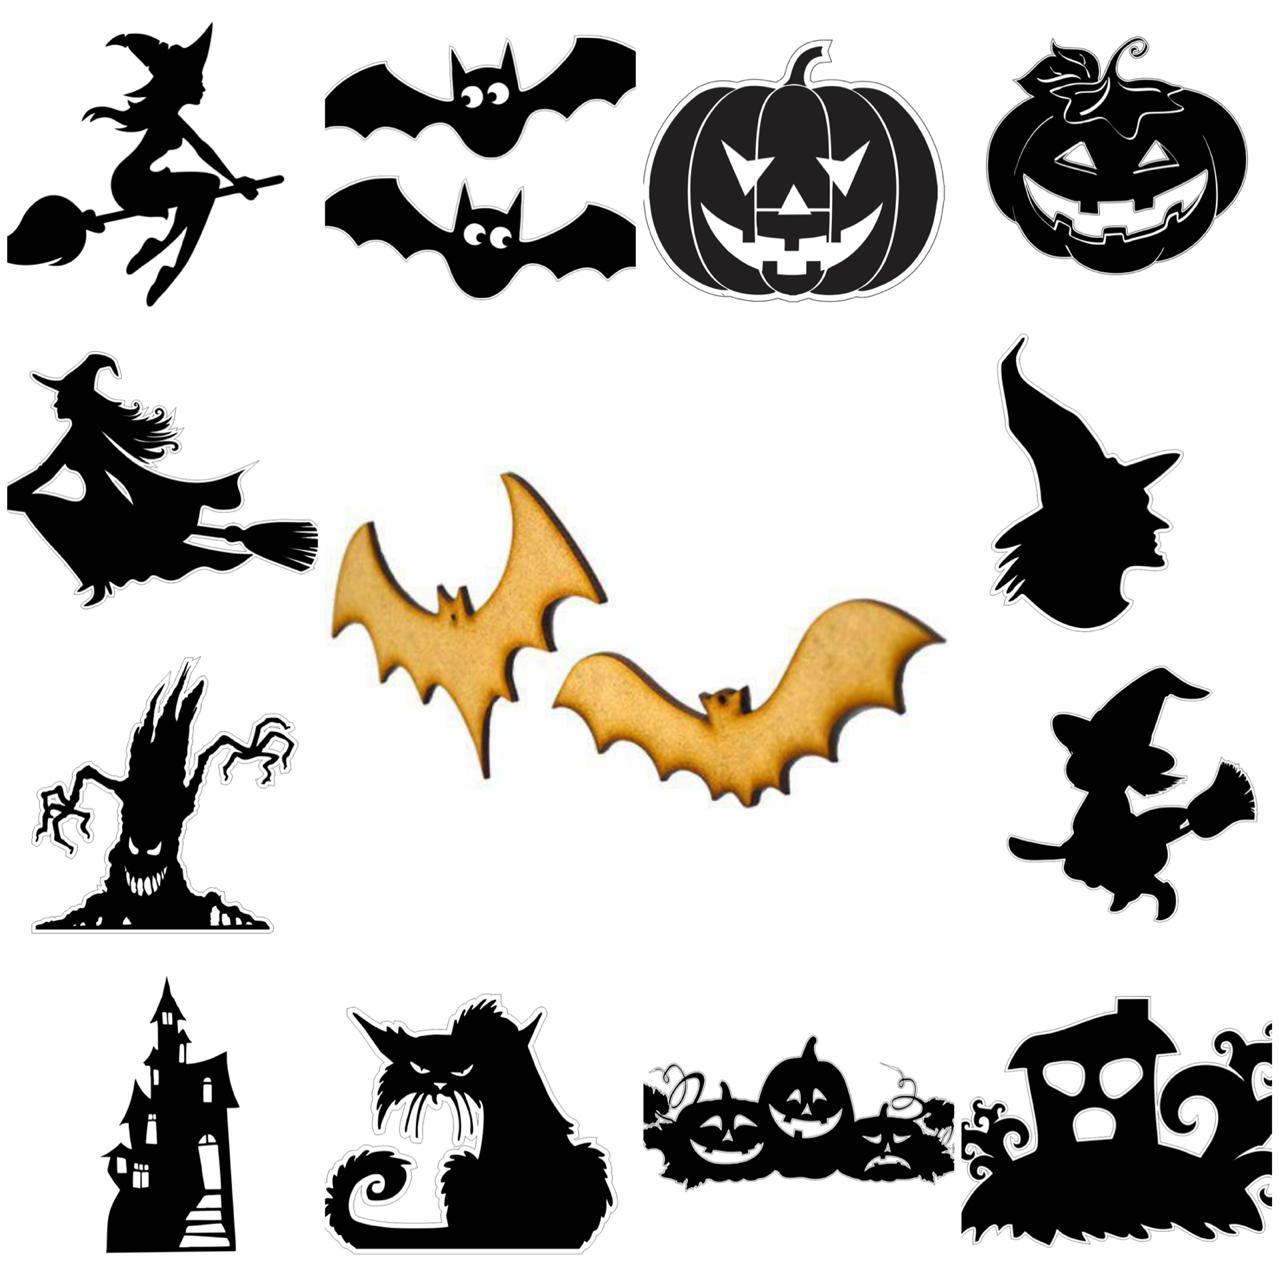 kit 12 Apliques variados Halloween com furos laterais para varal ou decorações em geral - 15cm cada